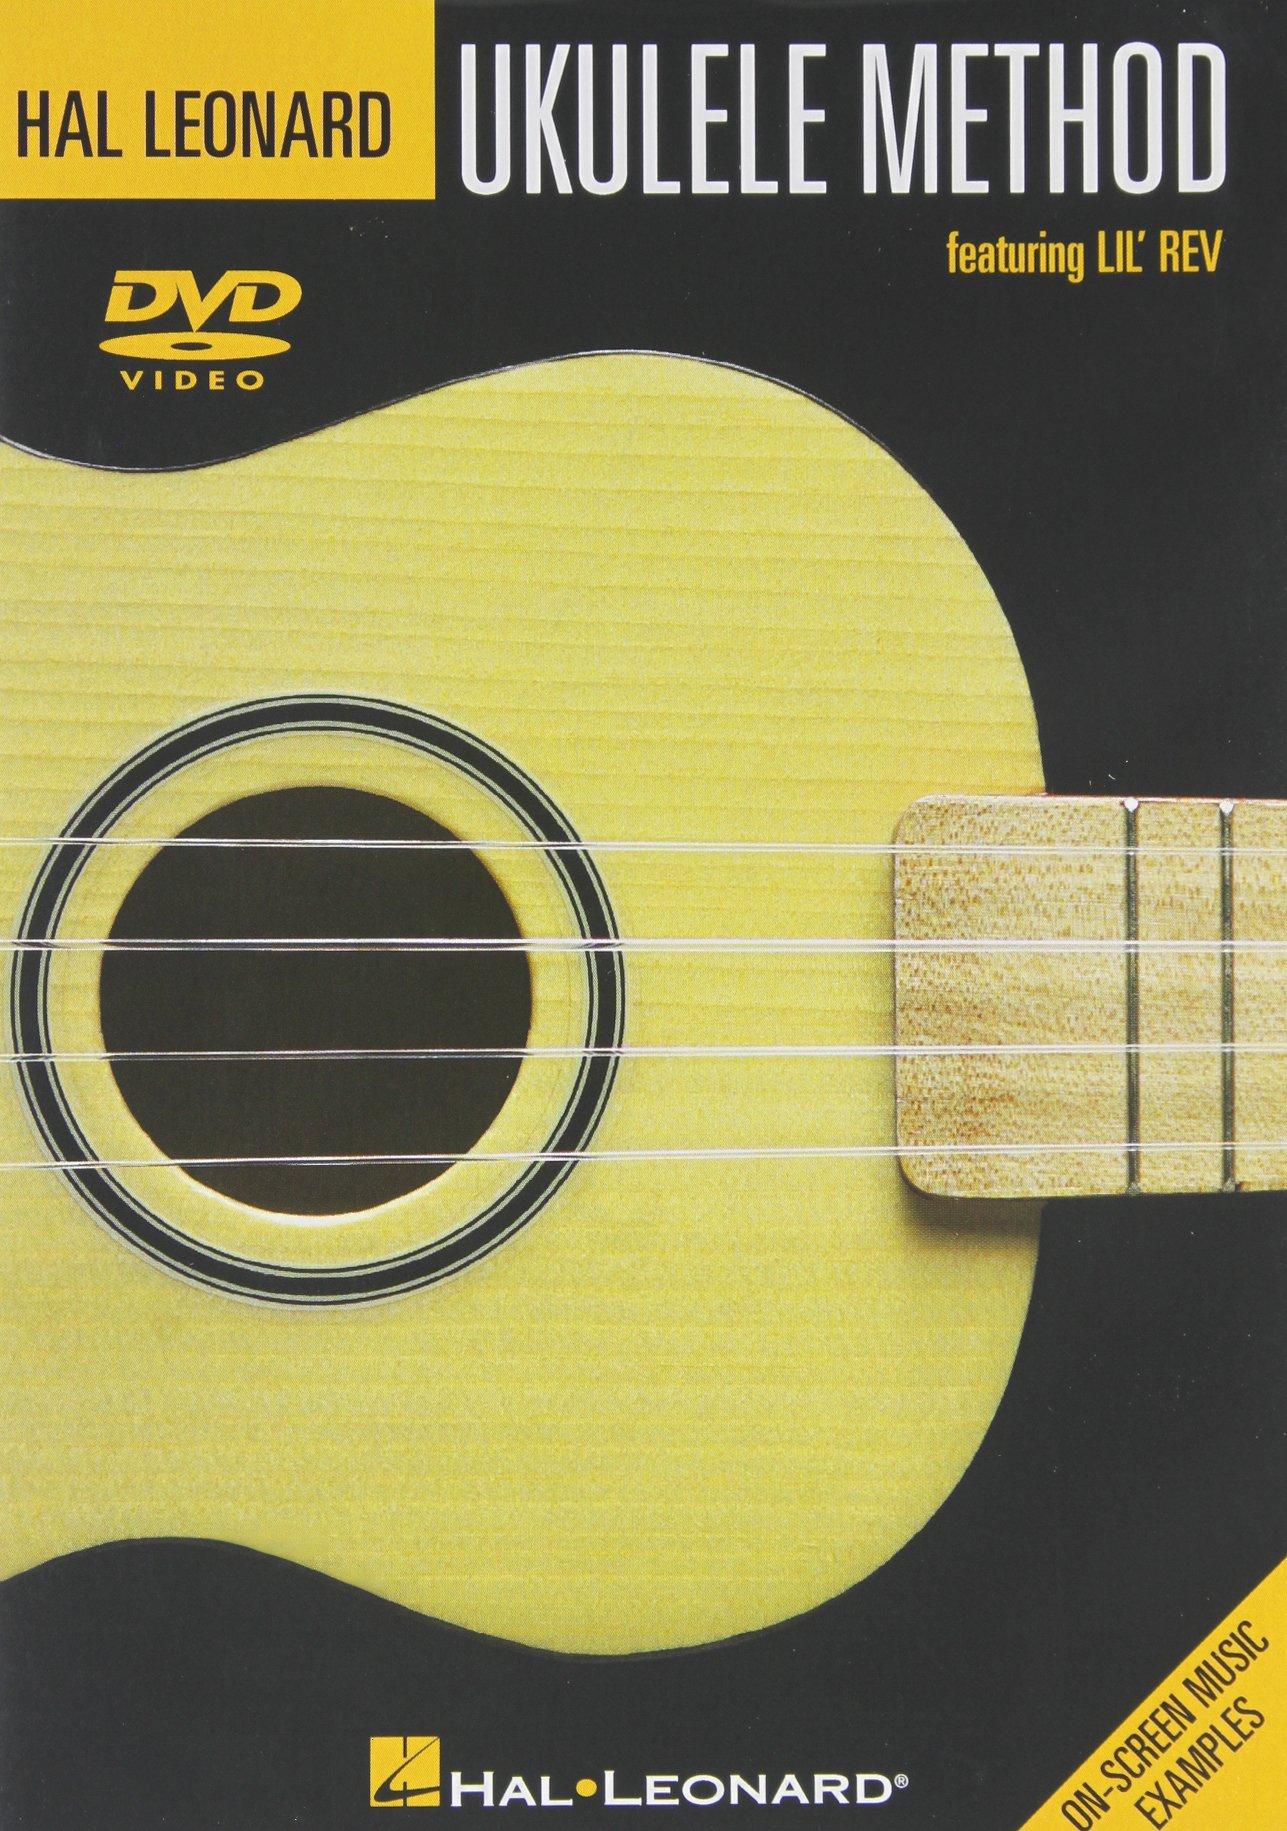 Hal Leonard Ukulele Method DVD by Hal Leonard